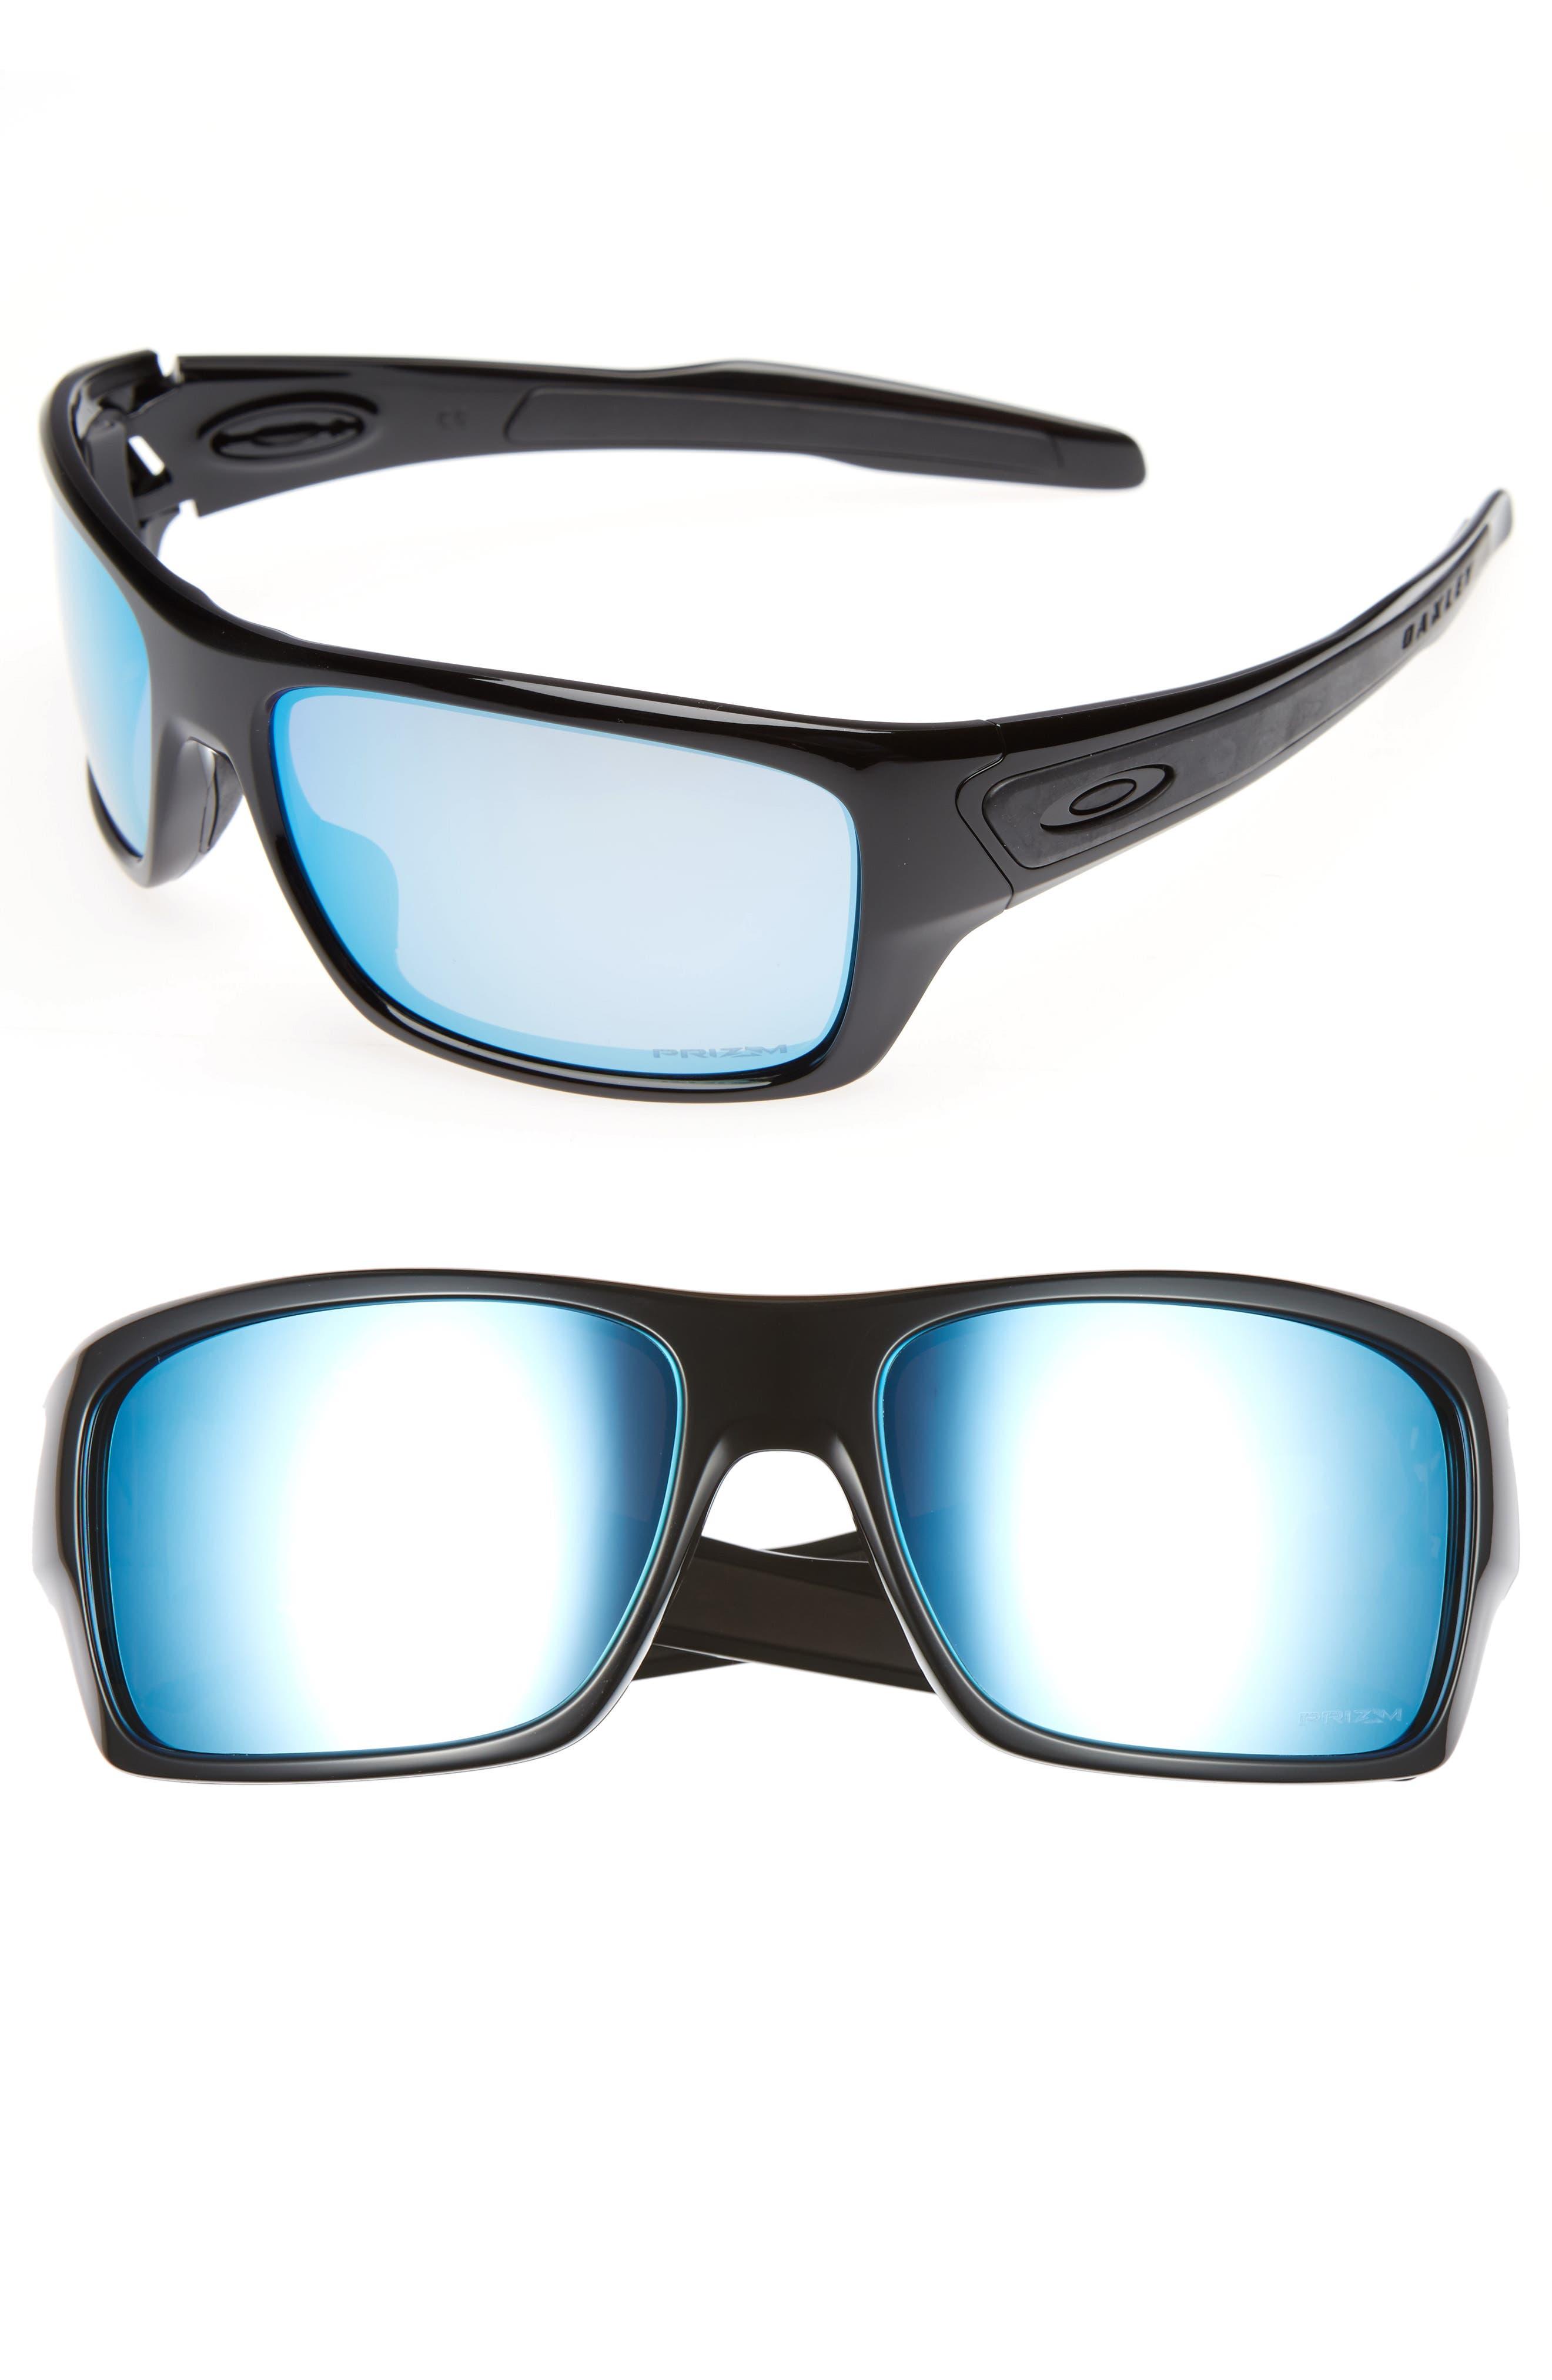 Turbine H2O 65mm Polarized Sunglasses,                             Alternate thumbnail 2, color,                             BLACK/BLUE